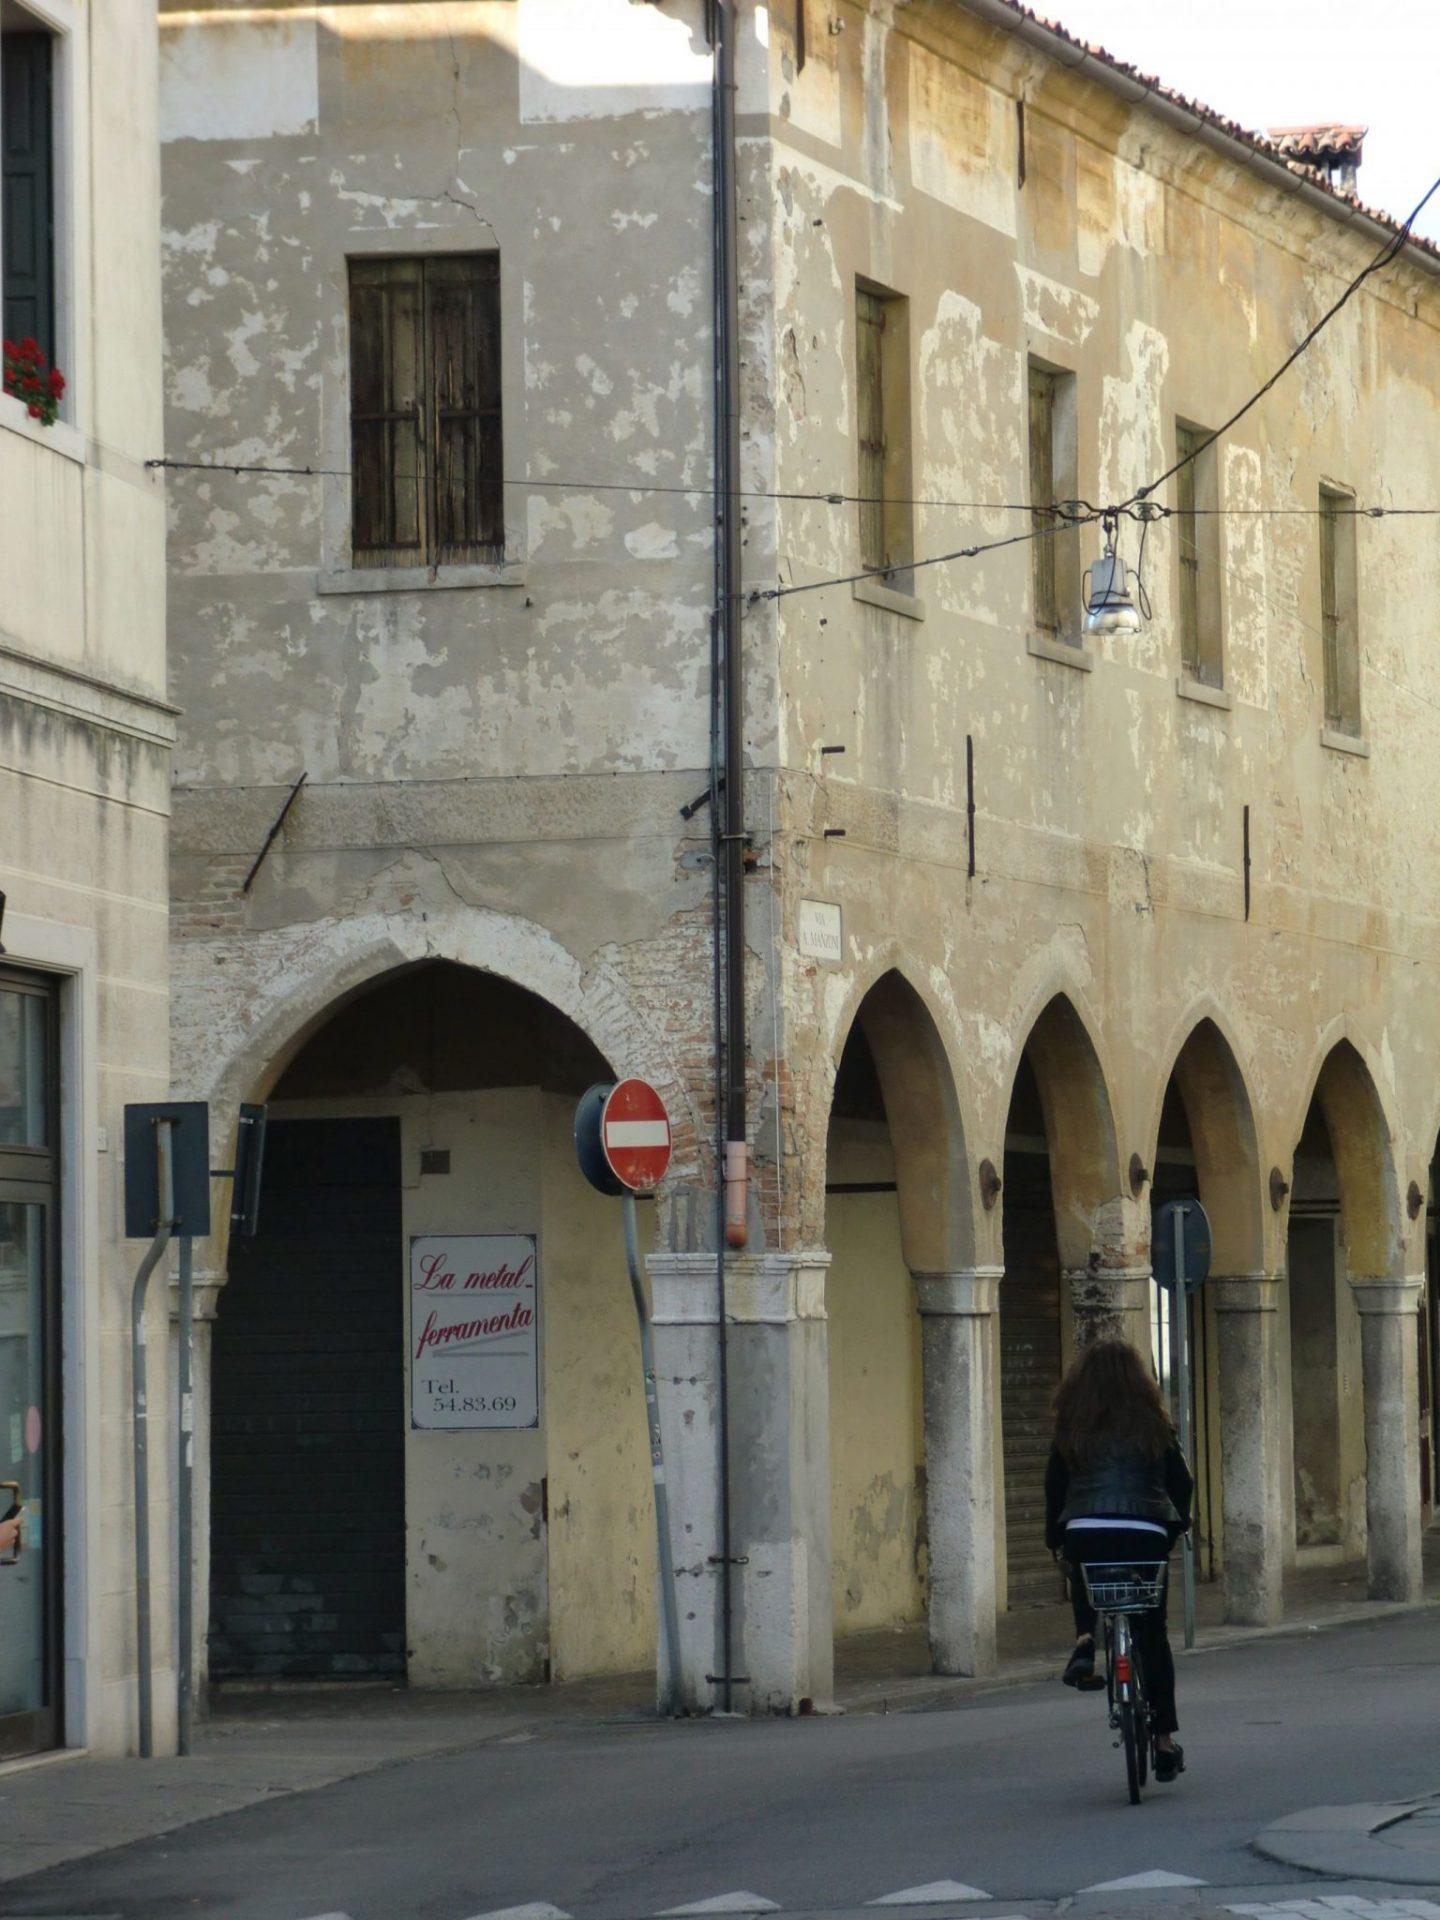 Treviso centro 1 1440x1920 - Treviso: Italian beauty